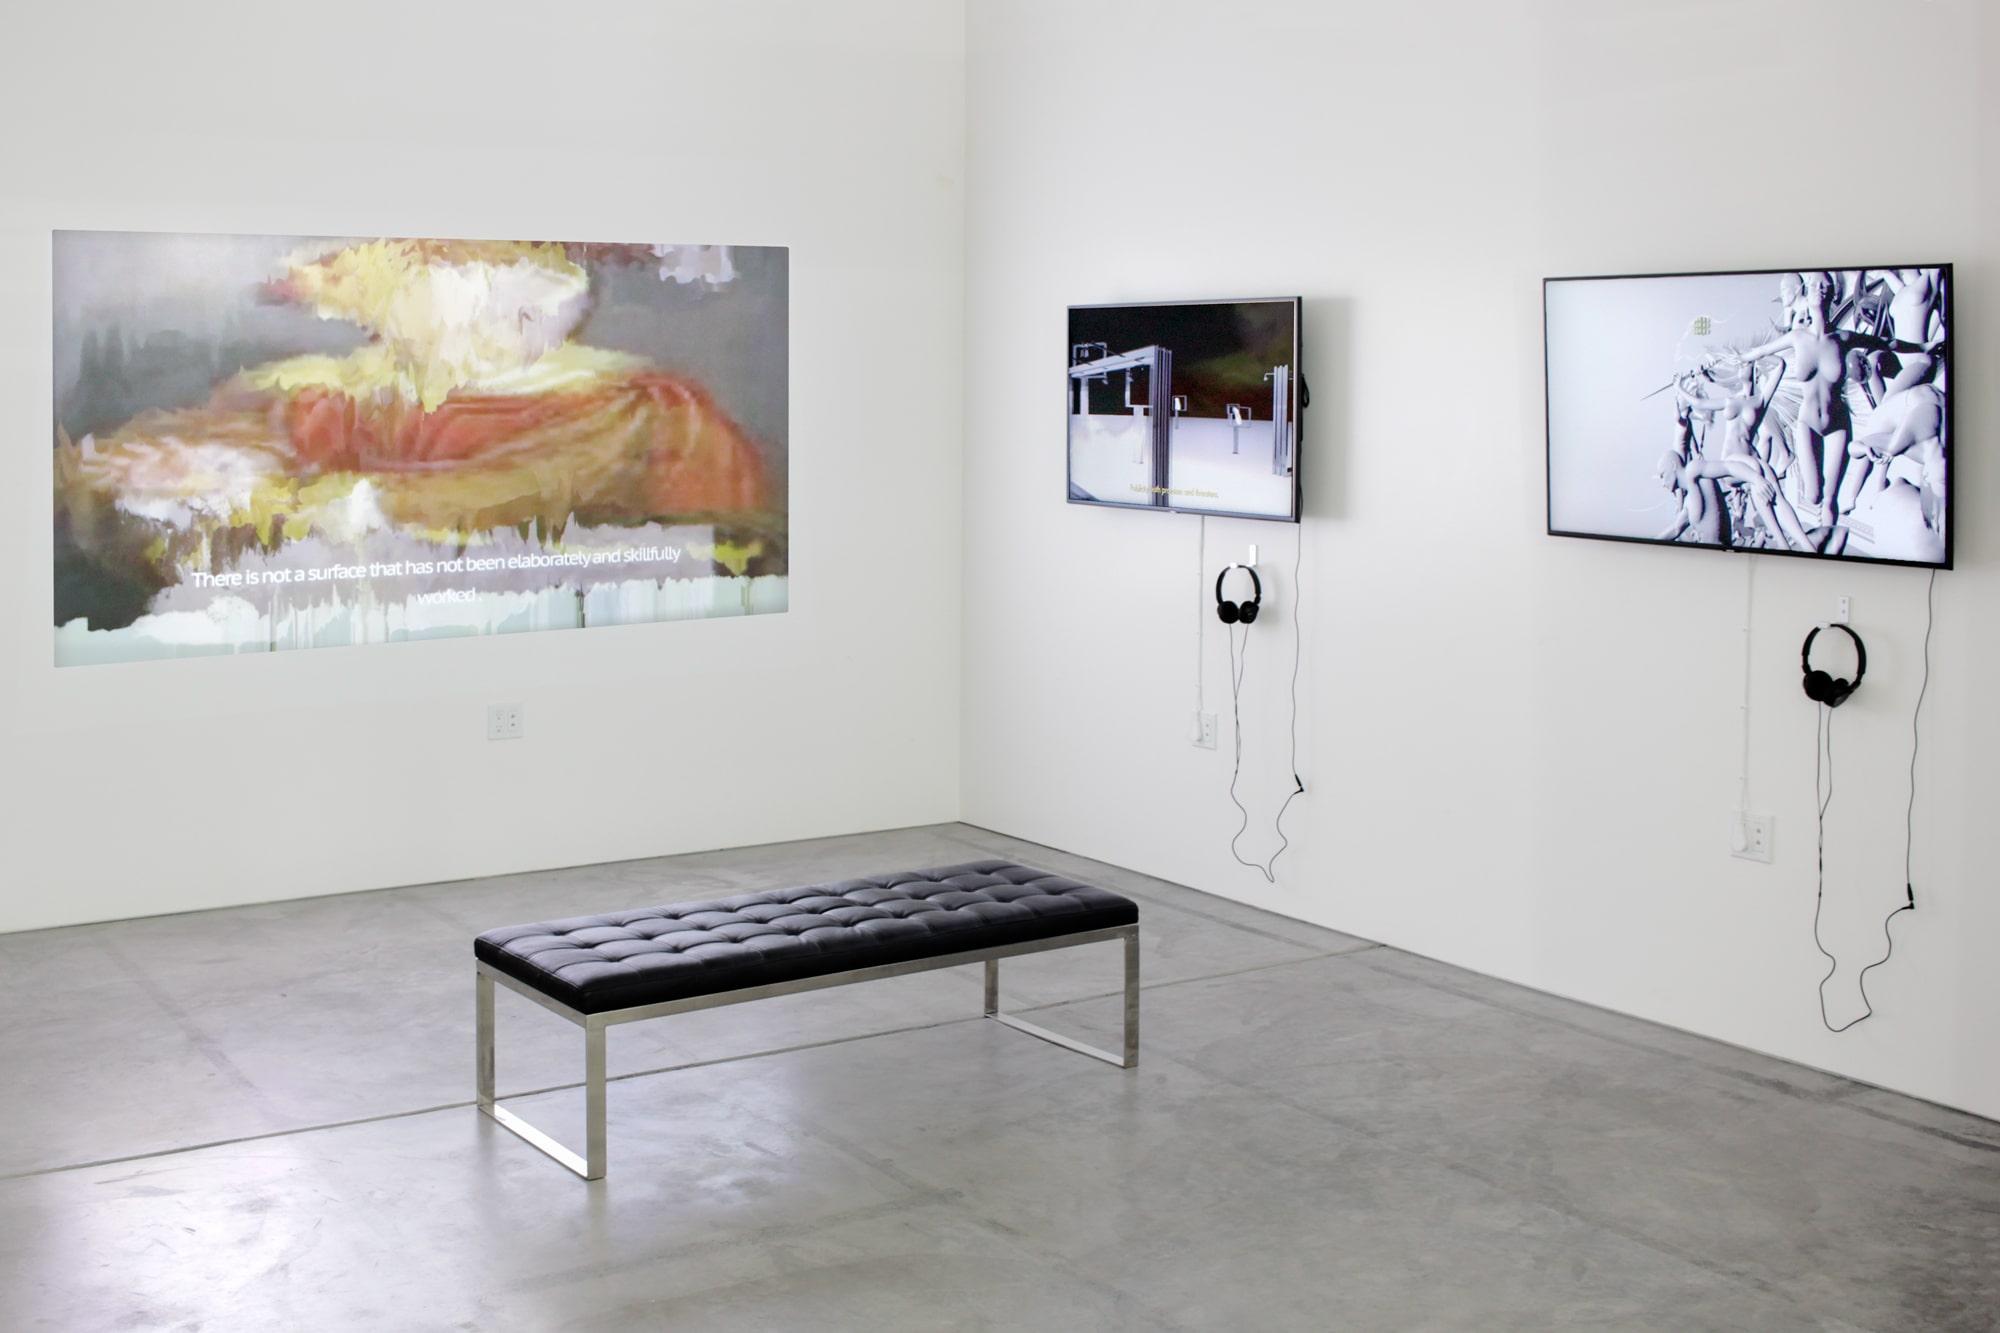 Installation View: Adam Ferriss, episode # 3 , minute 11 + Morehshin Allahyari, episode # 4 , minute 14 + V5MT, episode # 1 , minute 13